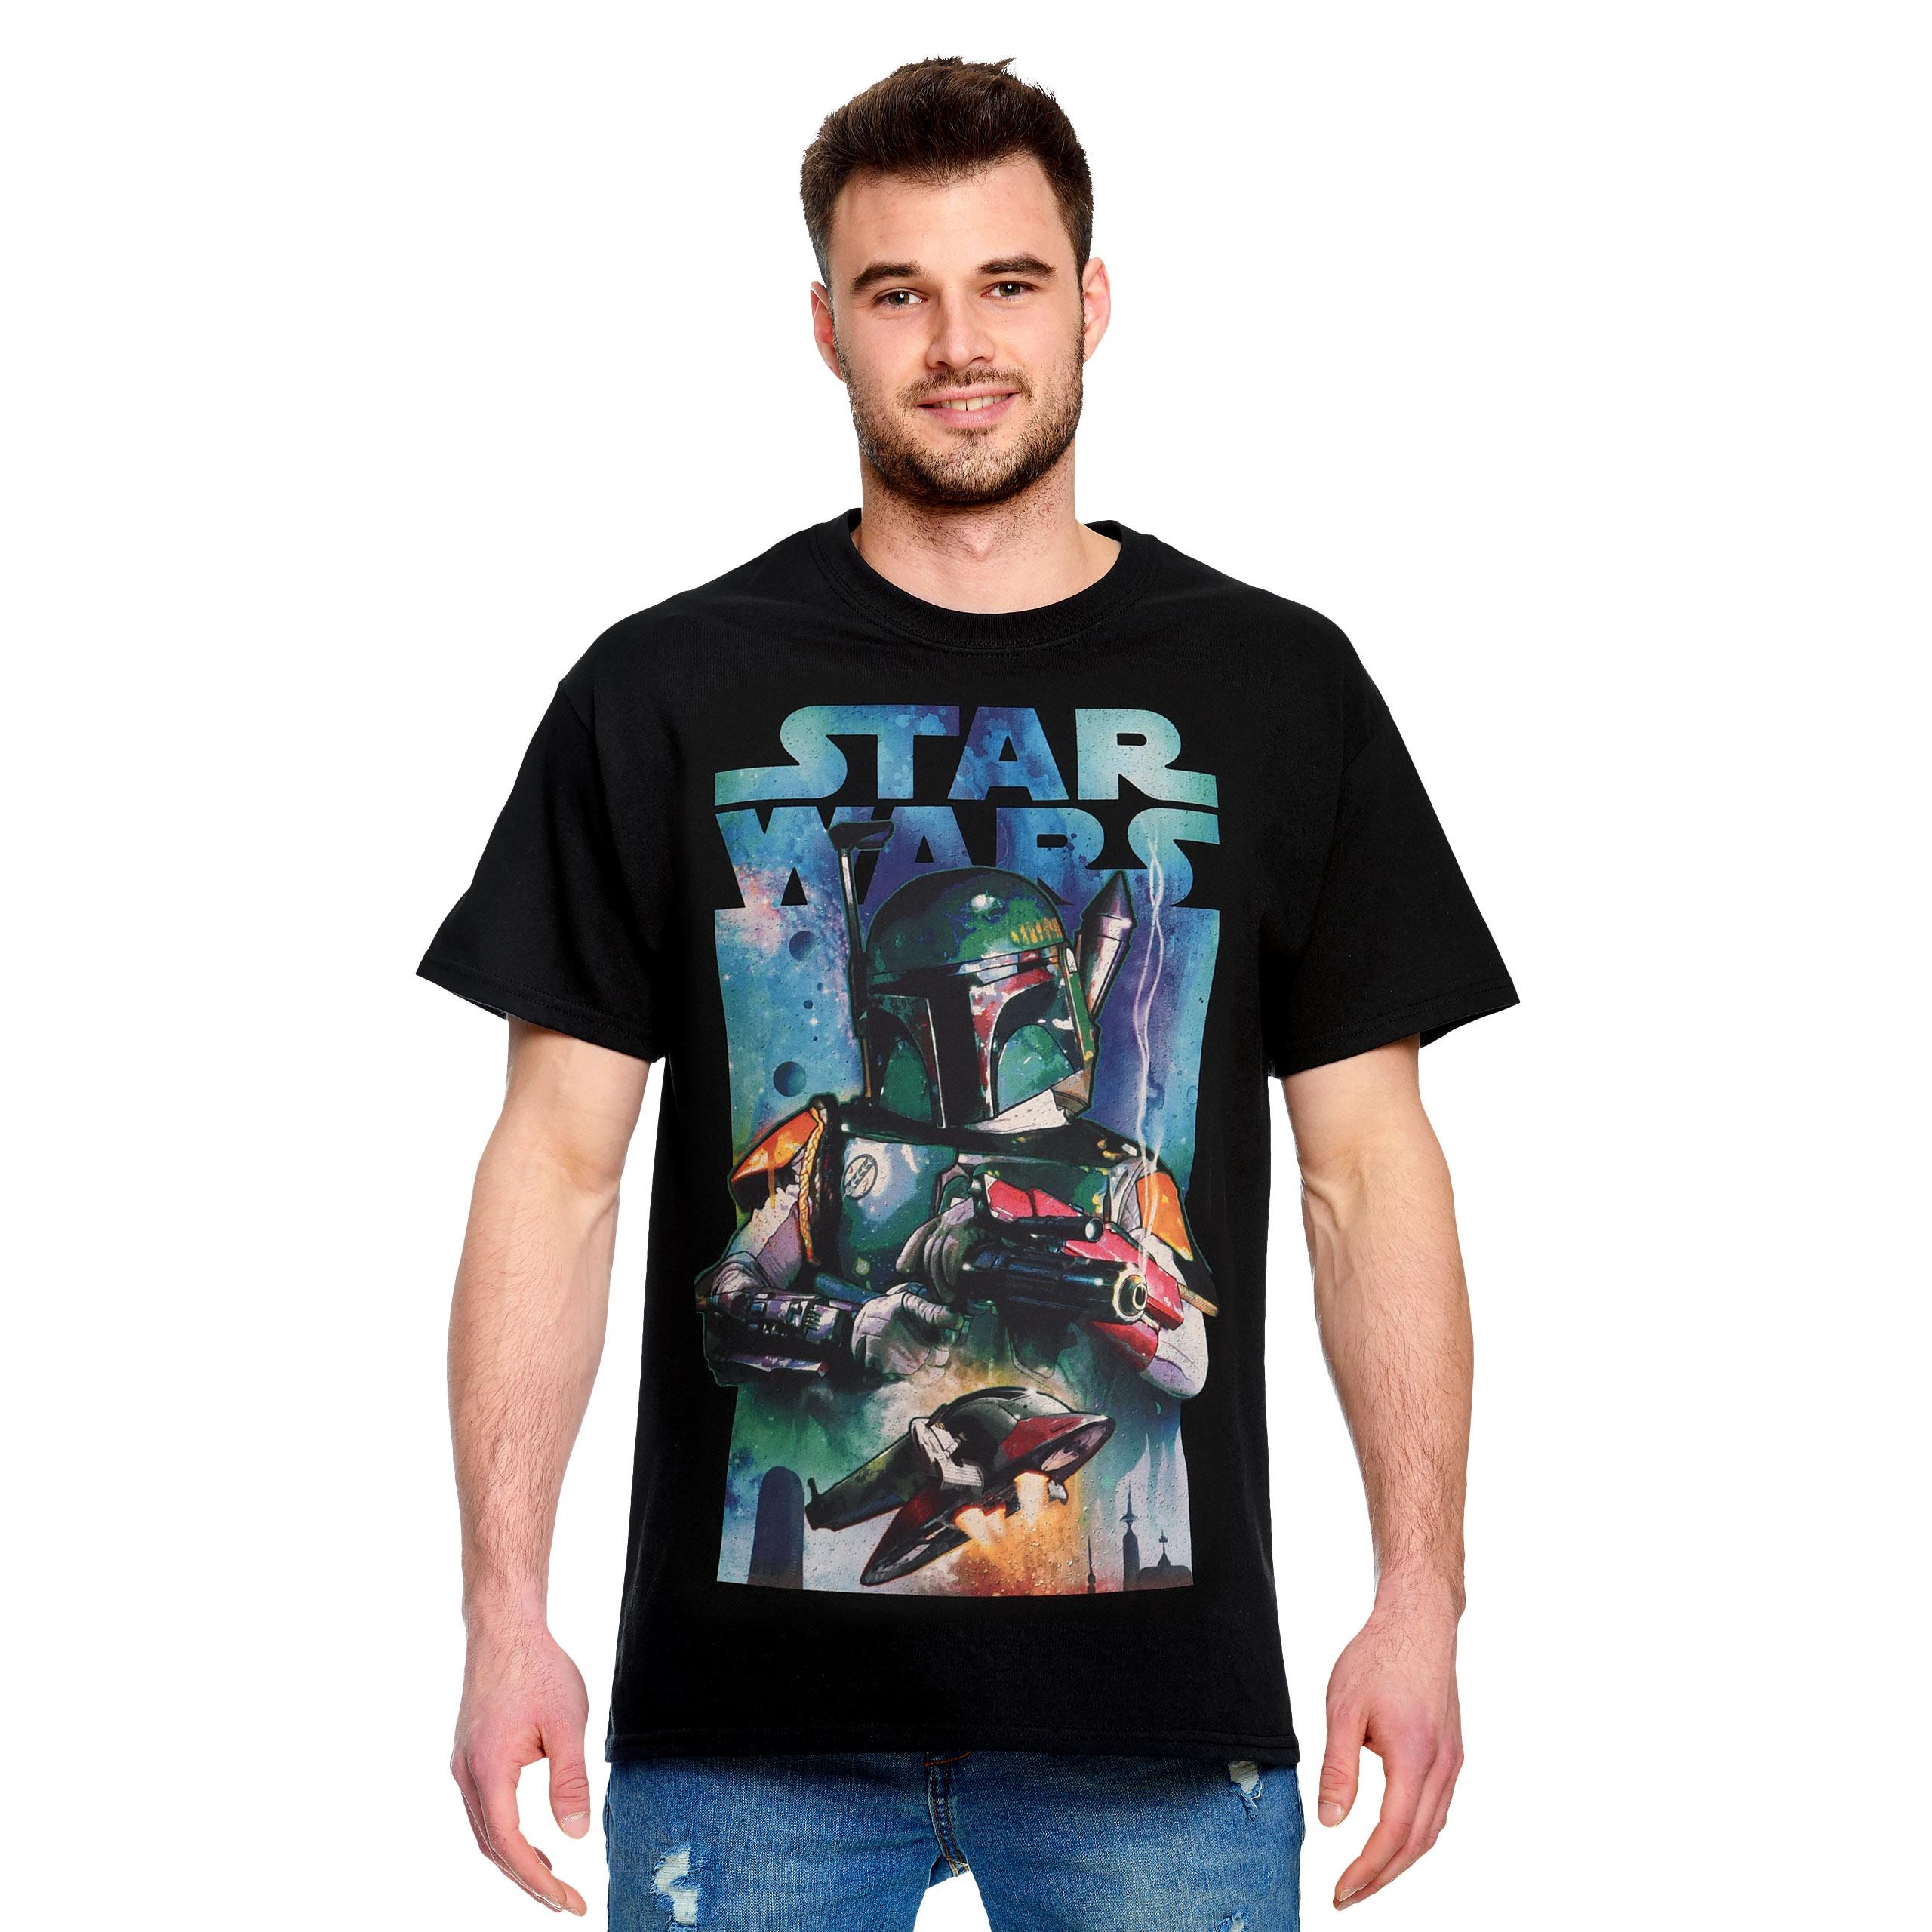 Star Wars - Boba Fett mit Slave I T-Shirt schwarz